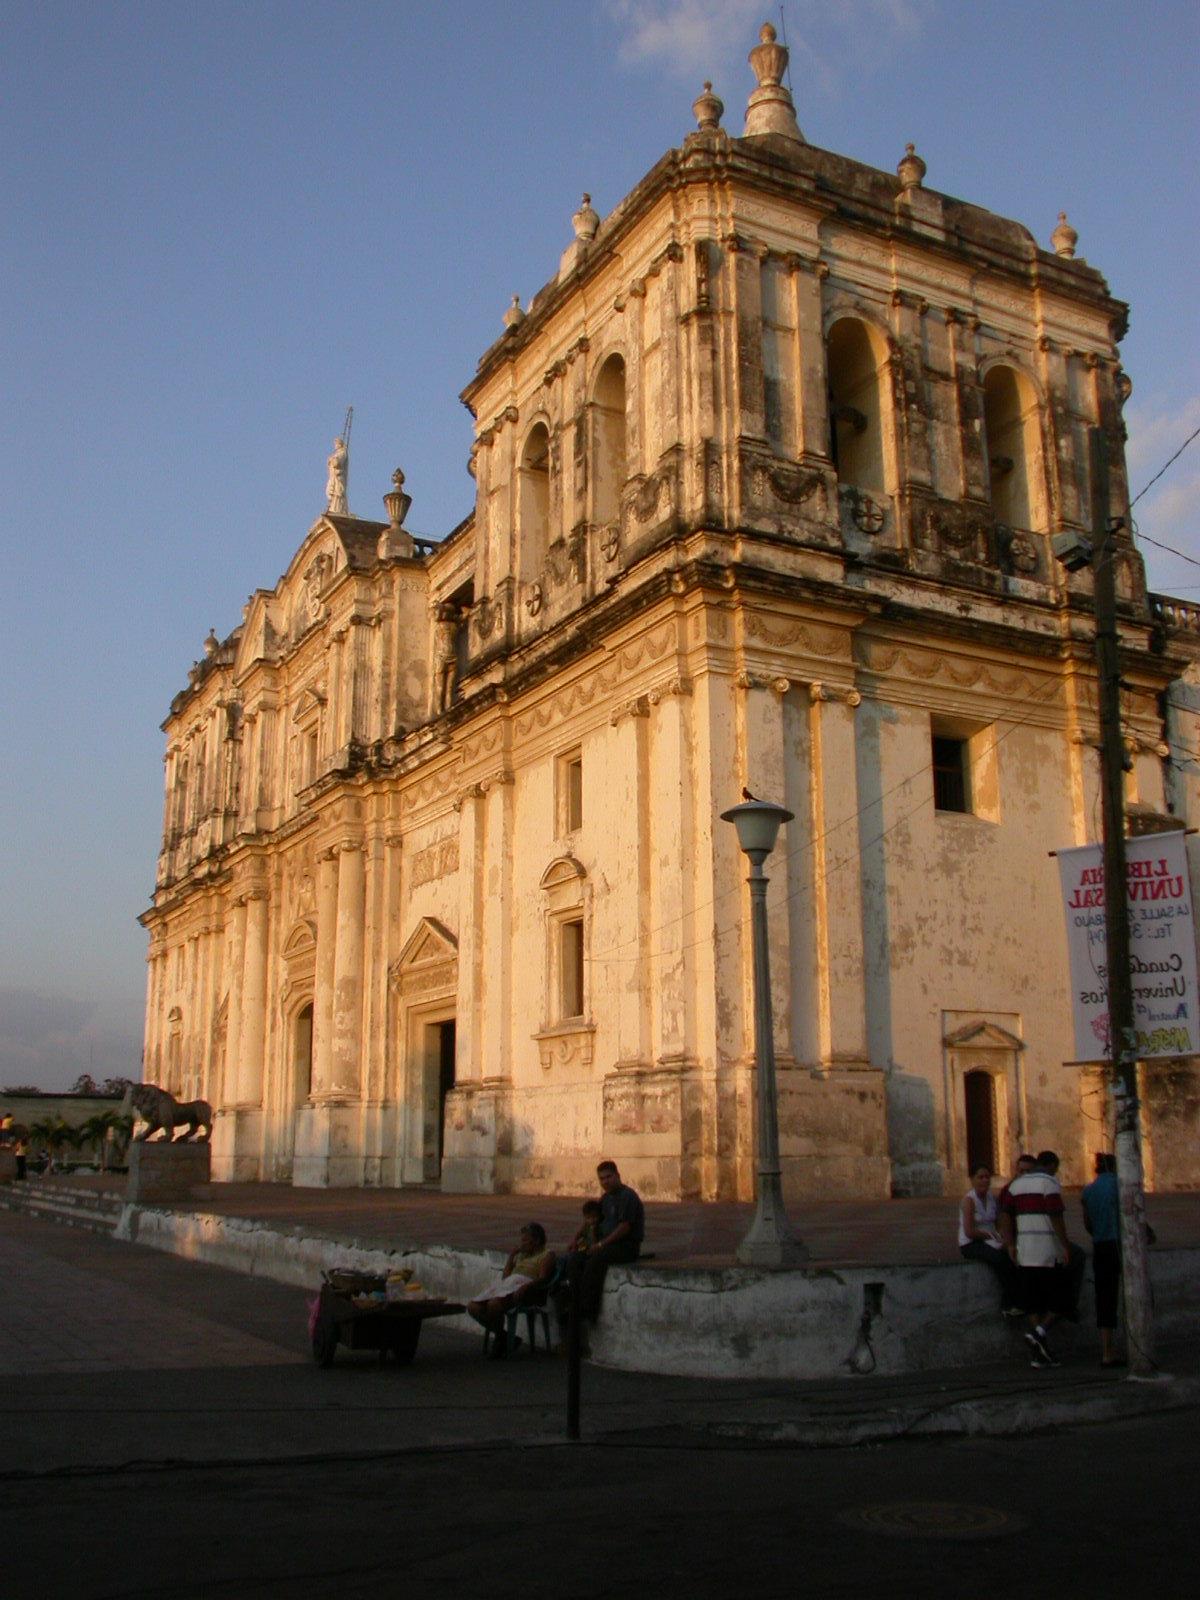 Cardenal nicaragüense cancela la procesión del 1 de enero por Covid